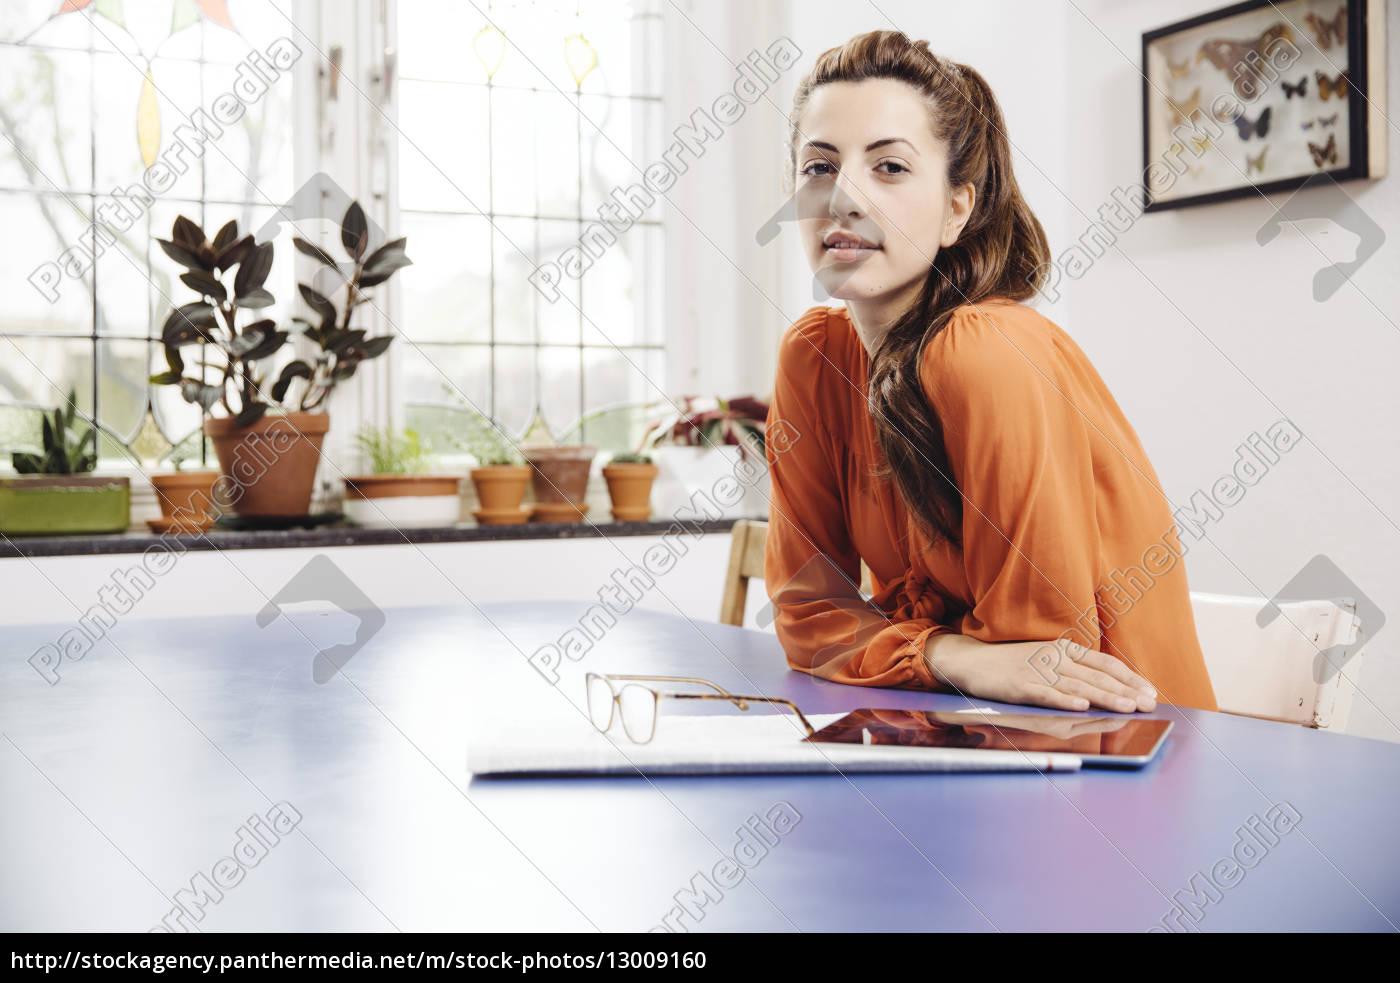 mujer, joven, con, tablet, pc, y - 13009160